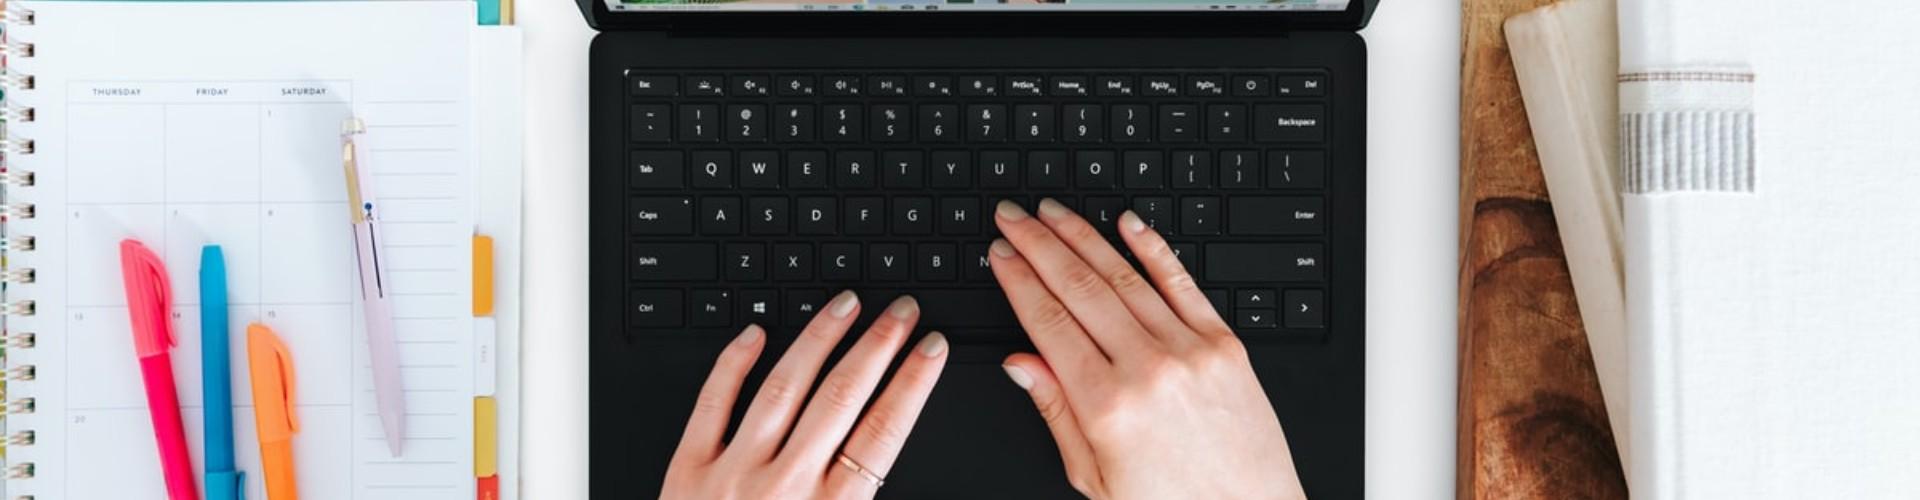 ¿Cómo Escribir el Email para Enviar tu CV?